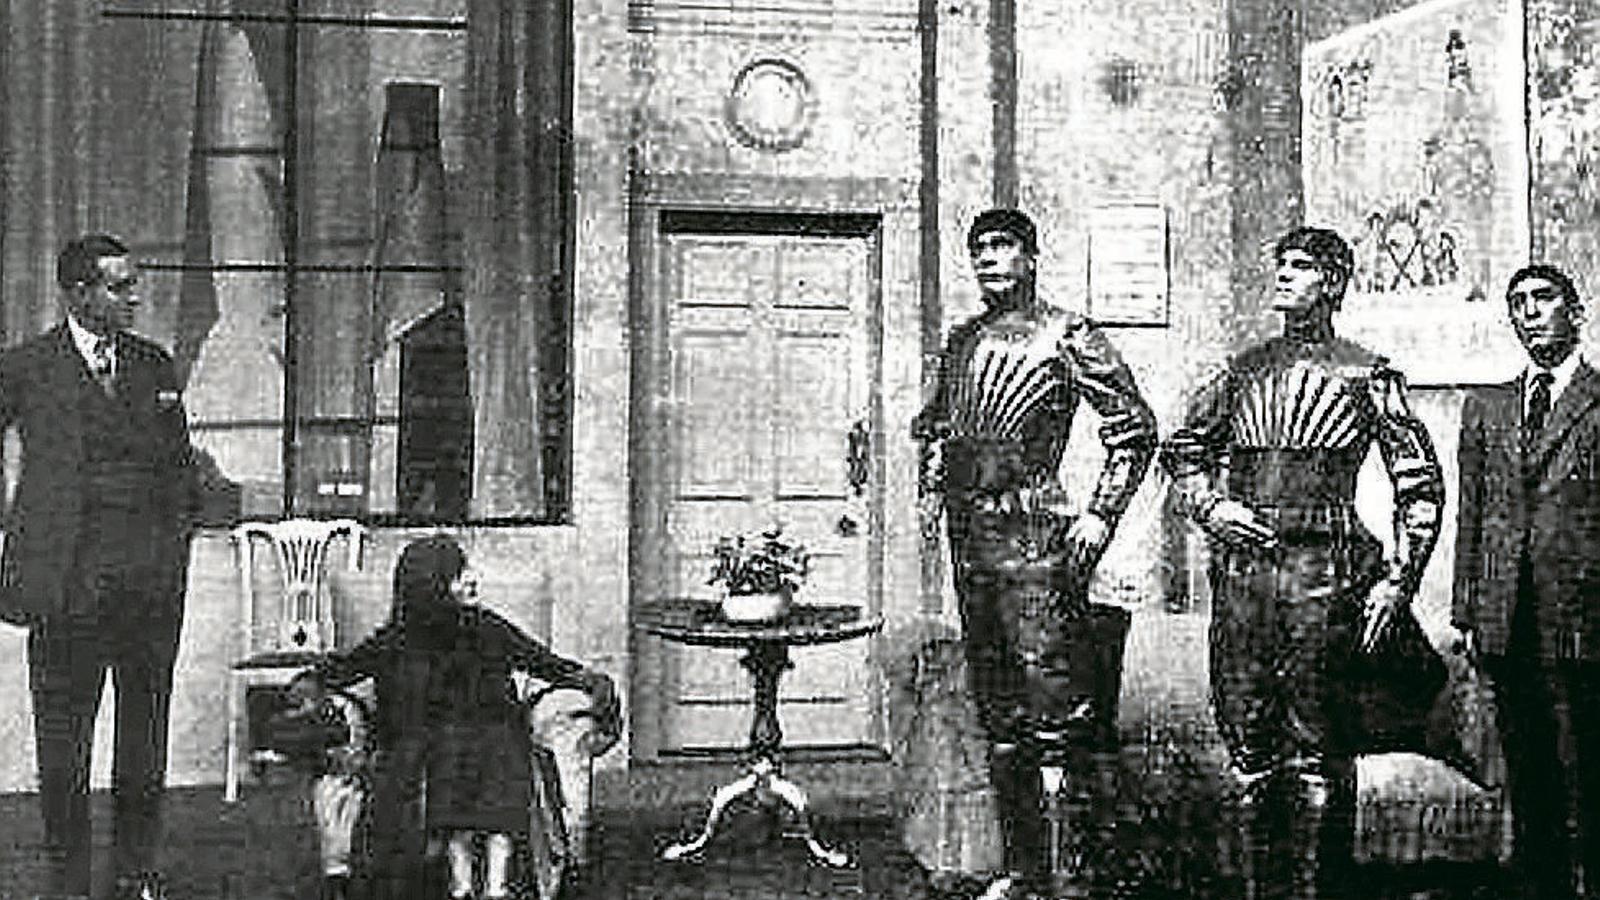 01. Cartell promocional de R.U.R. a Nova York entre 1936 i 1939.  02 i 03. Imatges de les primeres representacions de l'obra els anys 1920.